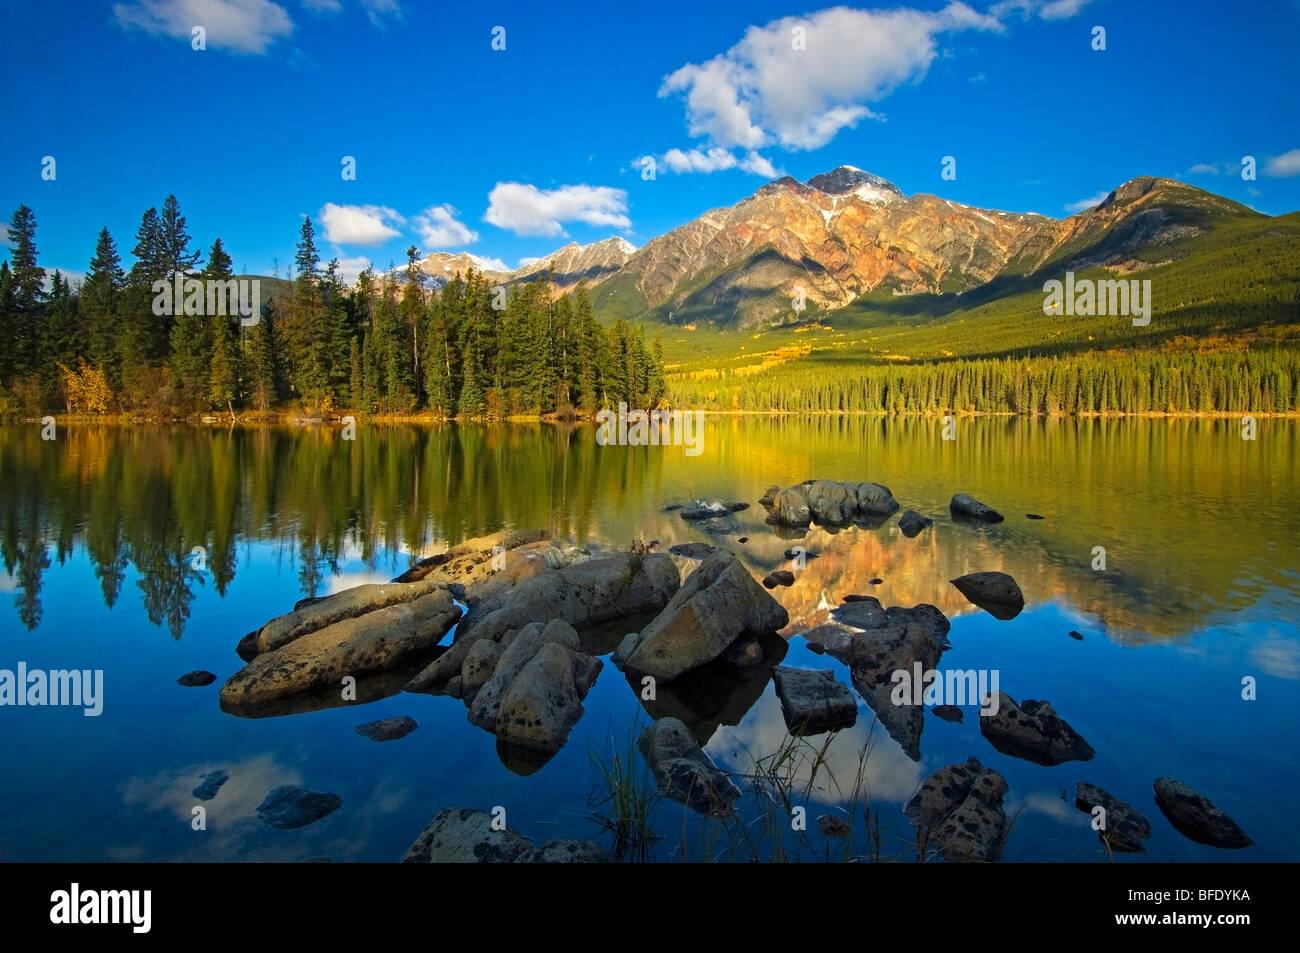 Montagna piramidale riflessa nel Lago Piramide nel Parco Nazionale di Jasper, Alberta, Canada Immagini Stock